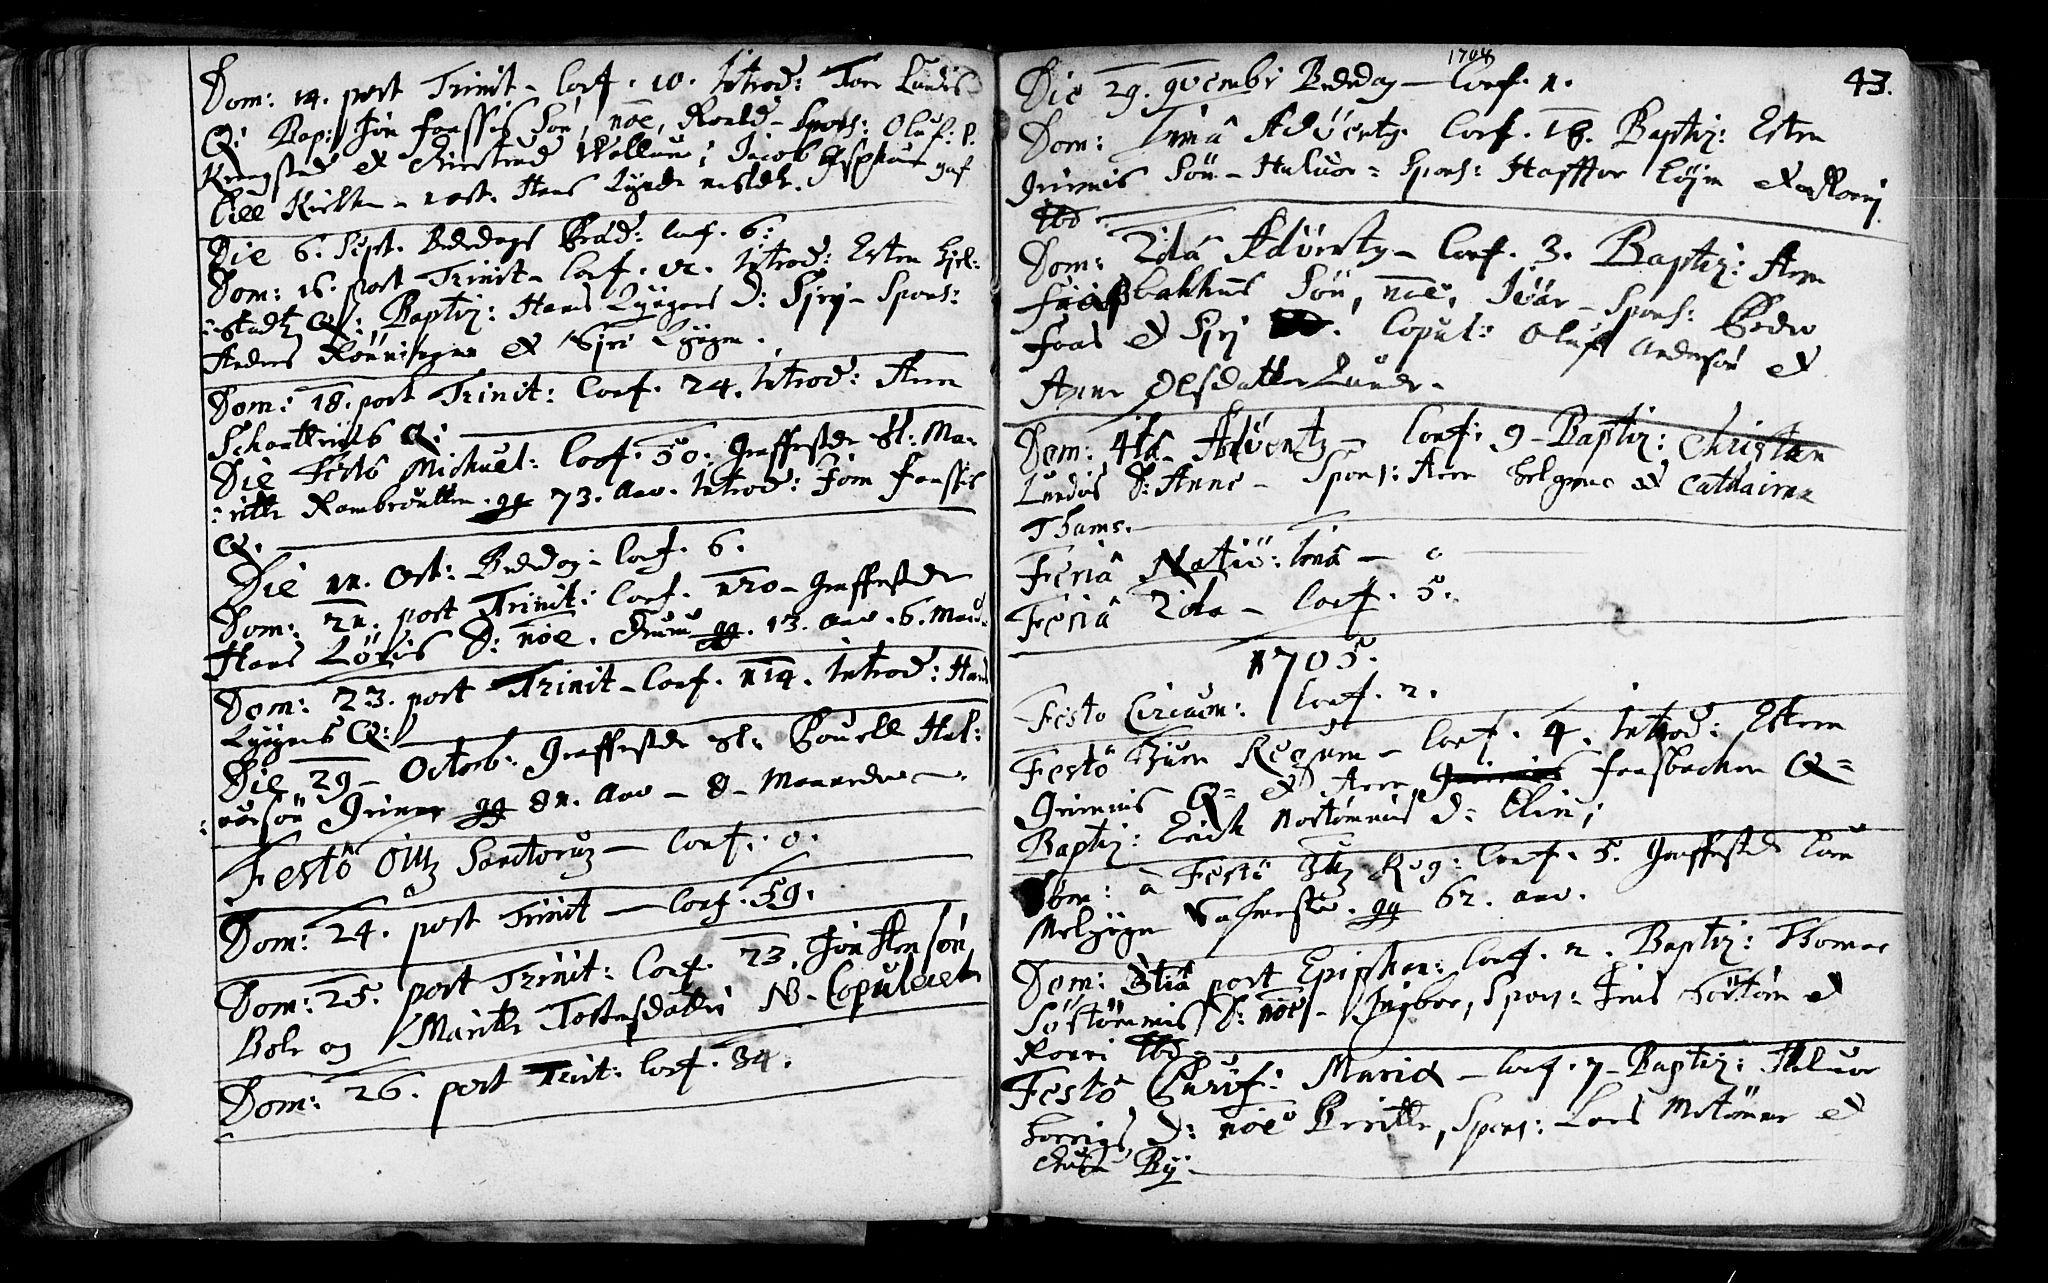 SAT, Ministerialprotokoller, klokkerbøker og fødselsregistre - Sør-Trøndelag, 692/L1101: Ministerialbok nr. 692A01, 1690-1746, s. 43